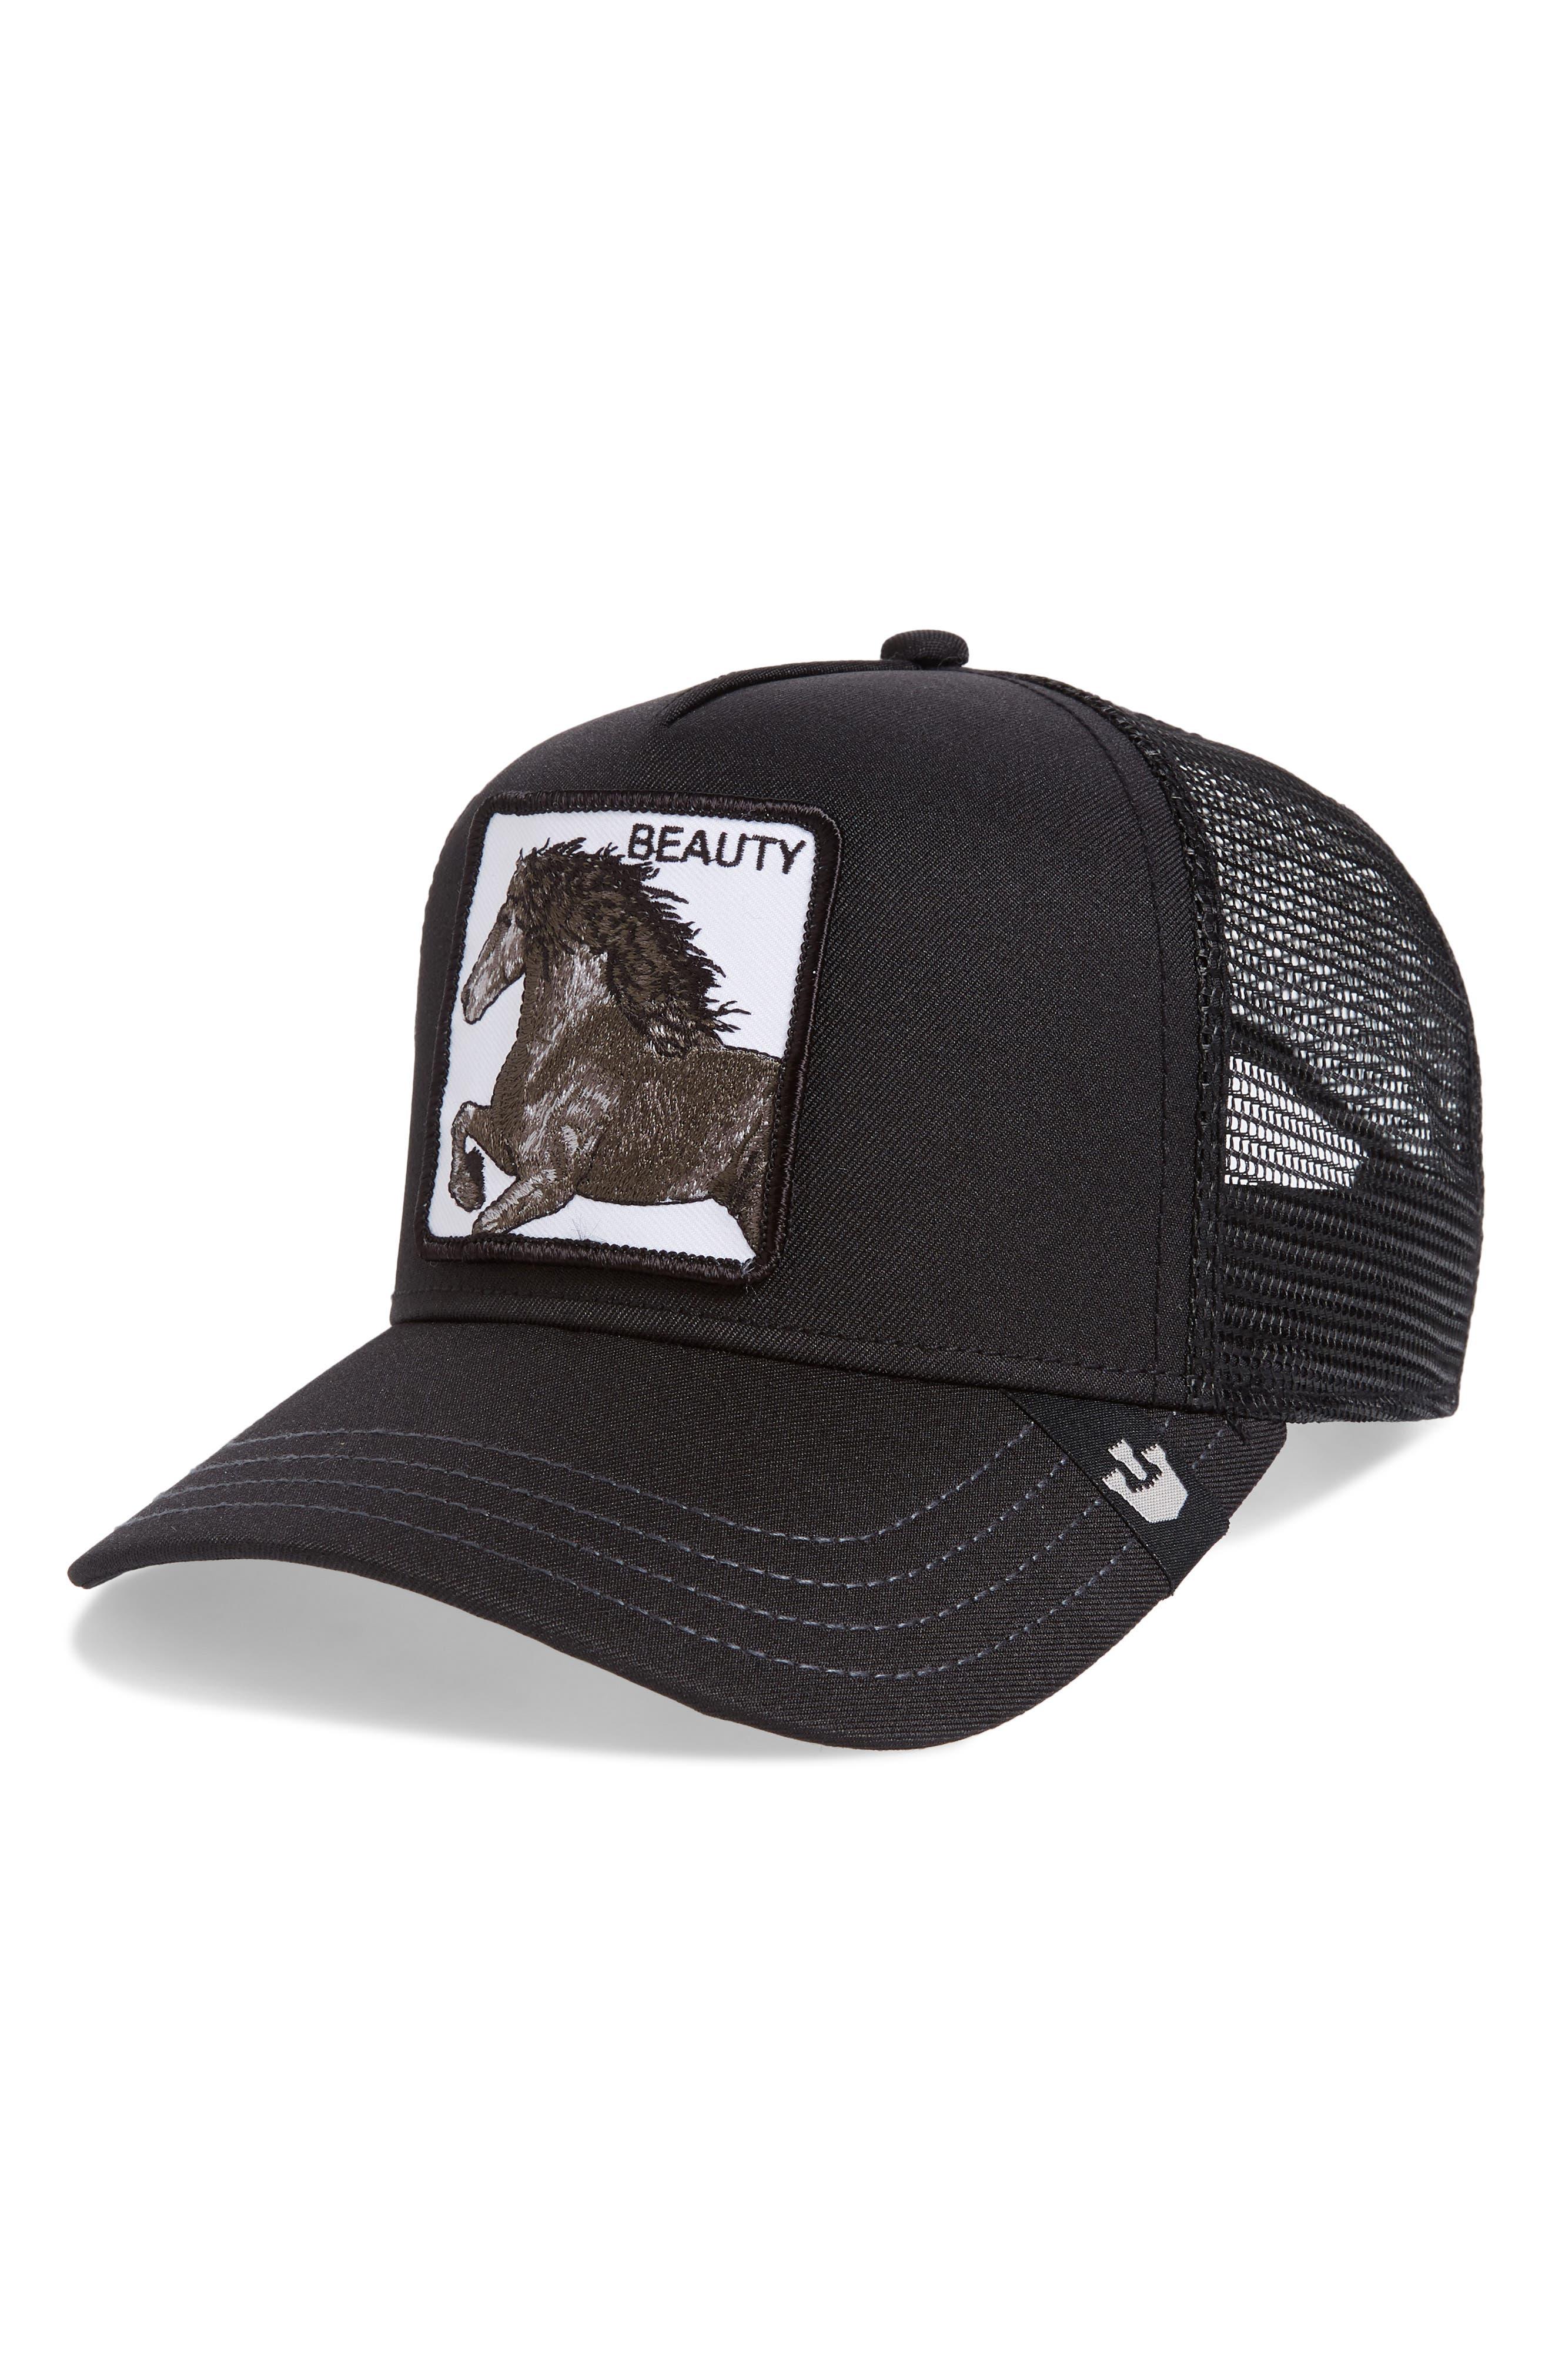 . Black Beauty Trucker Hat